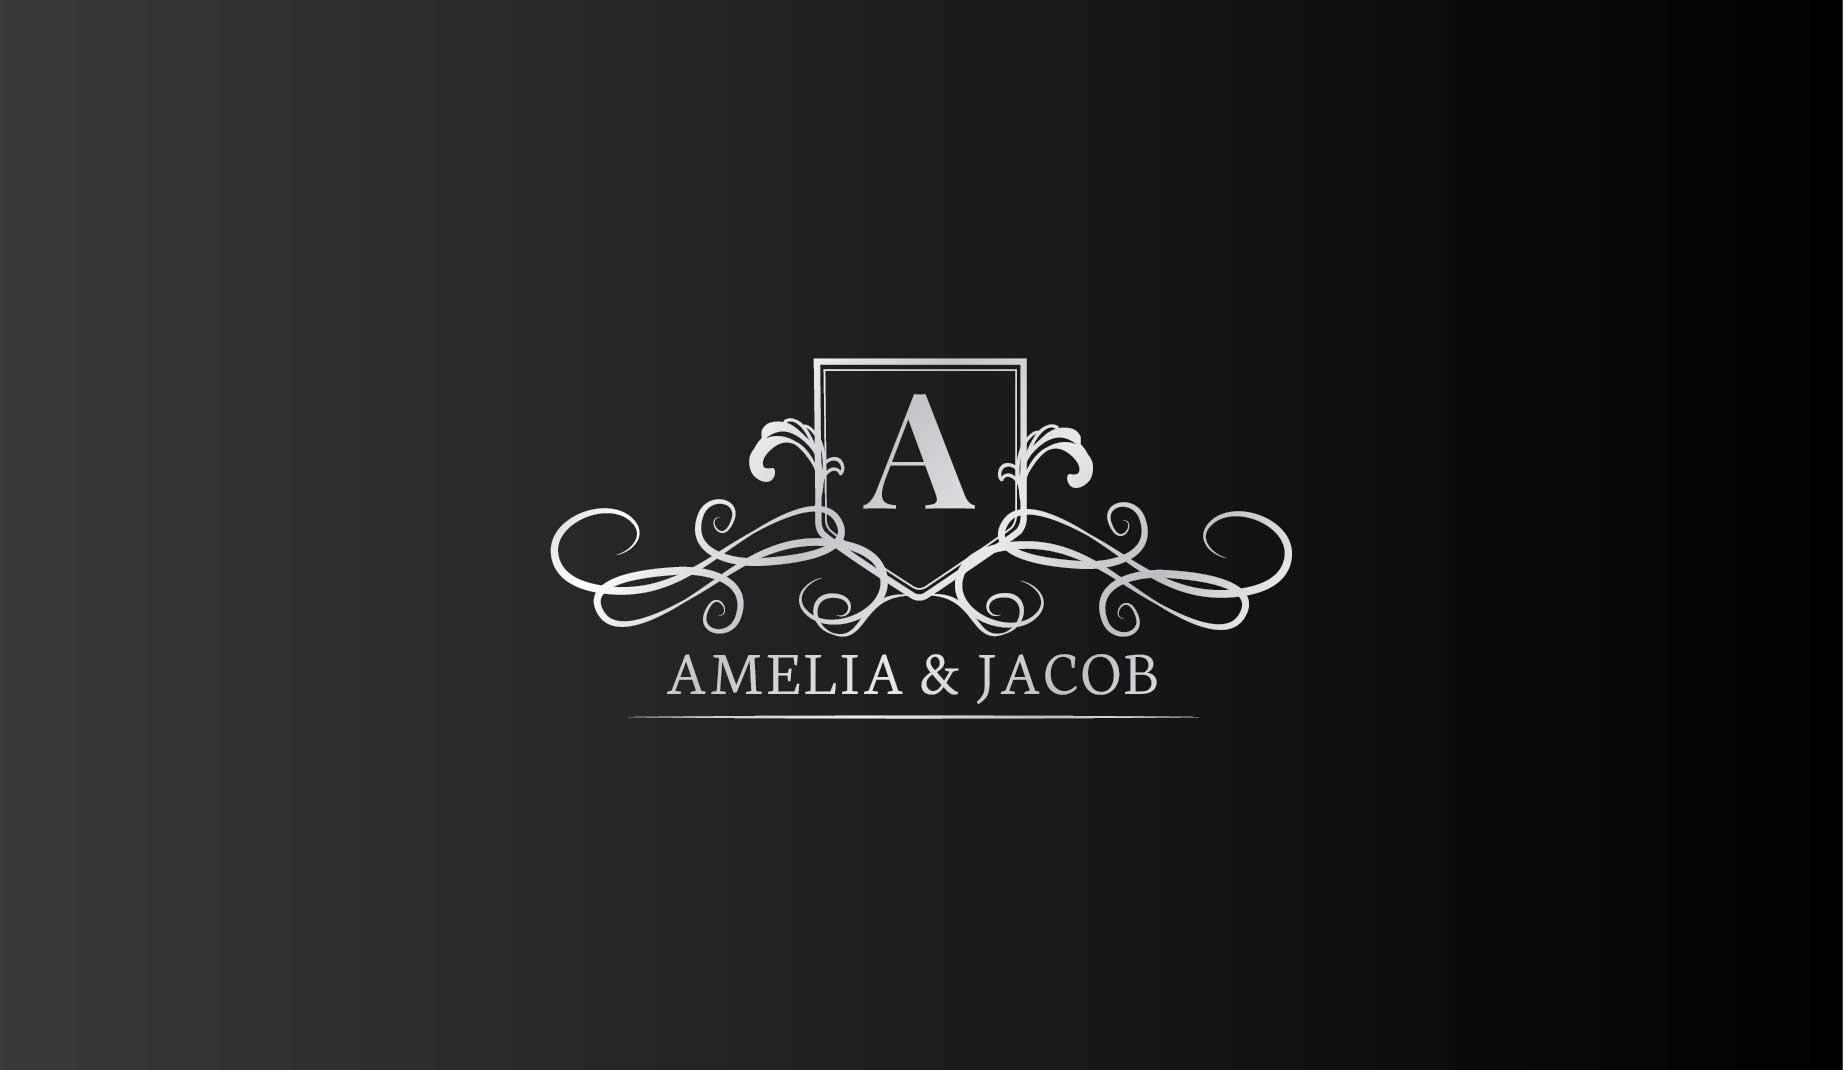 logo design service for Amelia  & Jacob